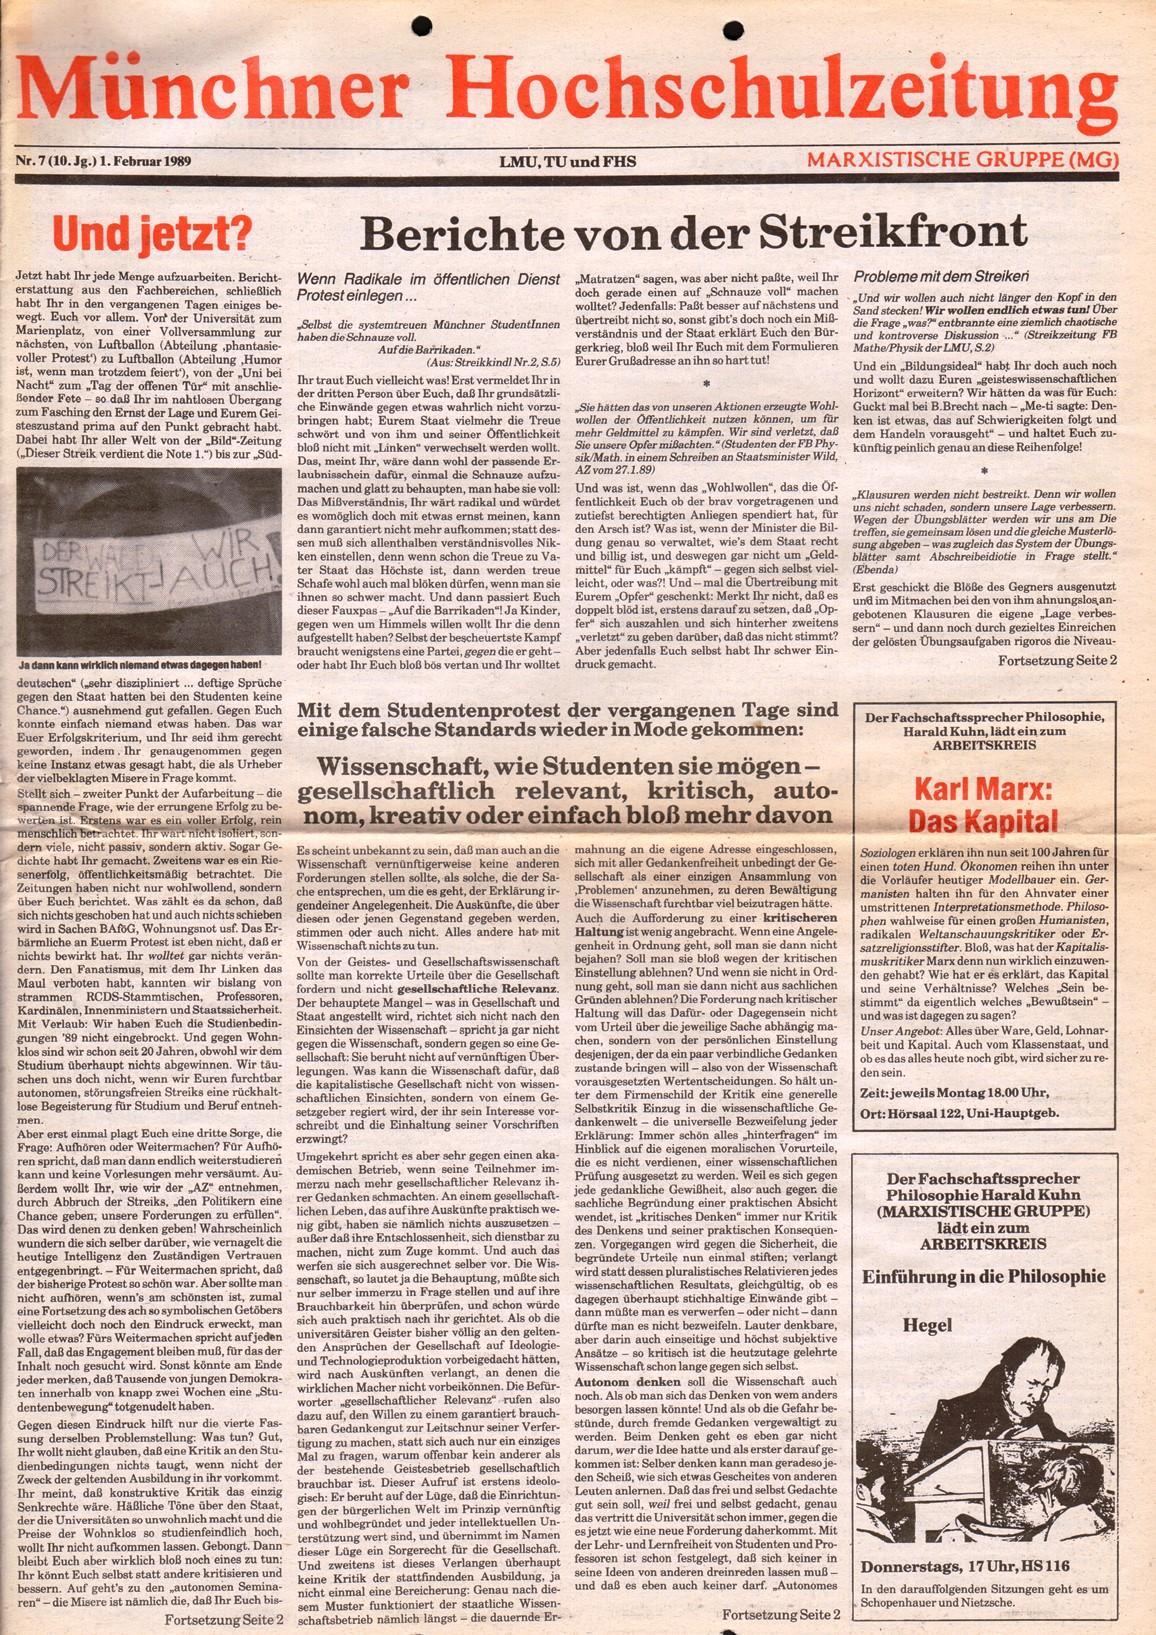 Muenchen_MG_Hochschulzeitung_19890201_01